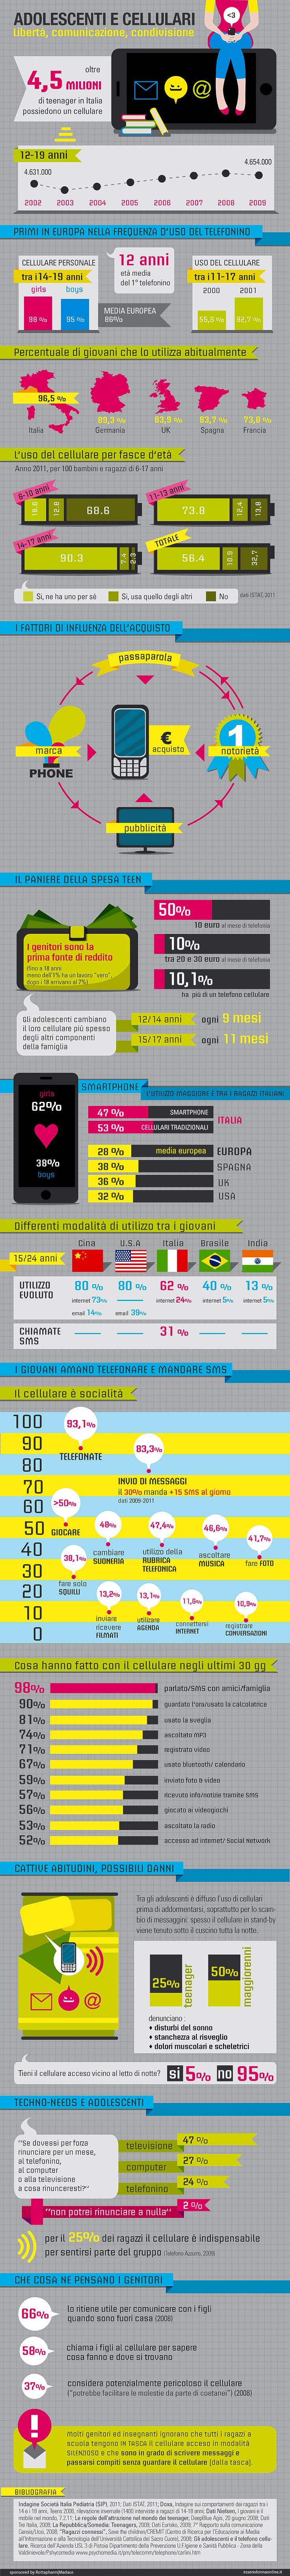 Kleland's infographicr for Esseredonnaonline.it